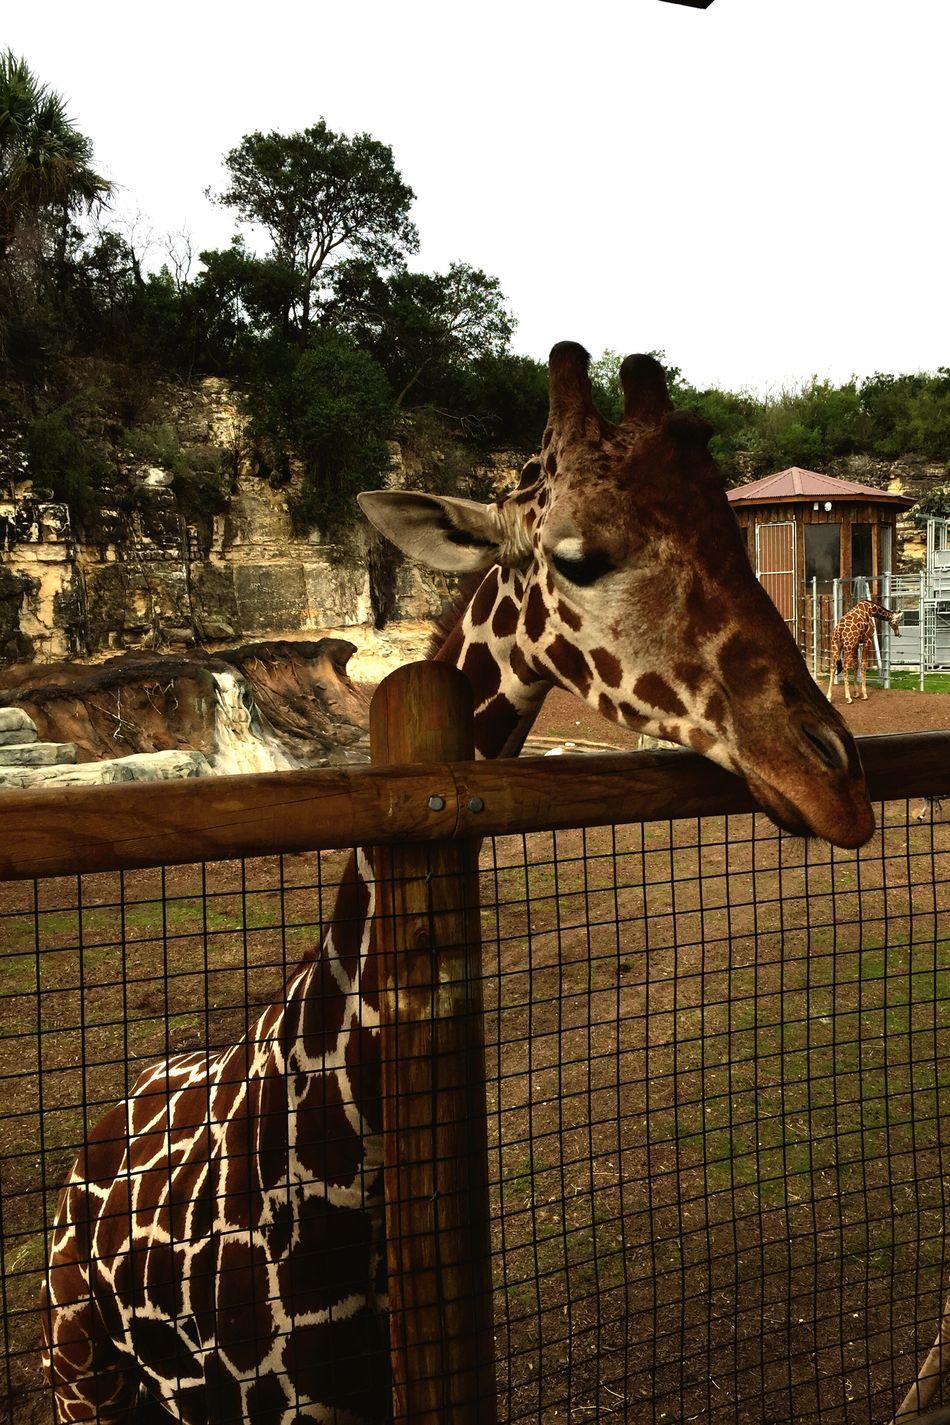 Giraffe♥ Long Neck  EyEm New Here